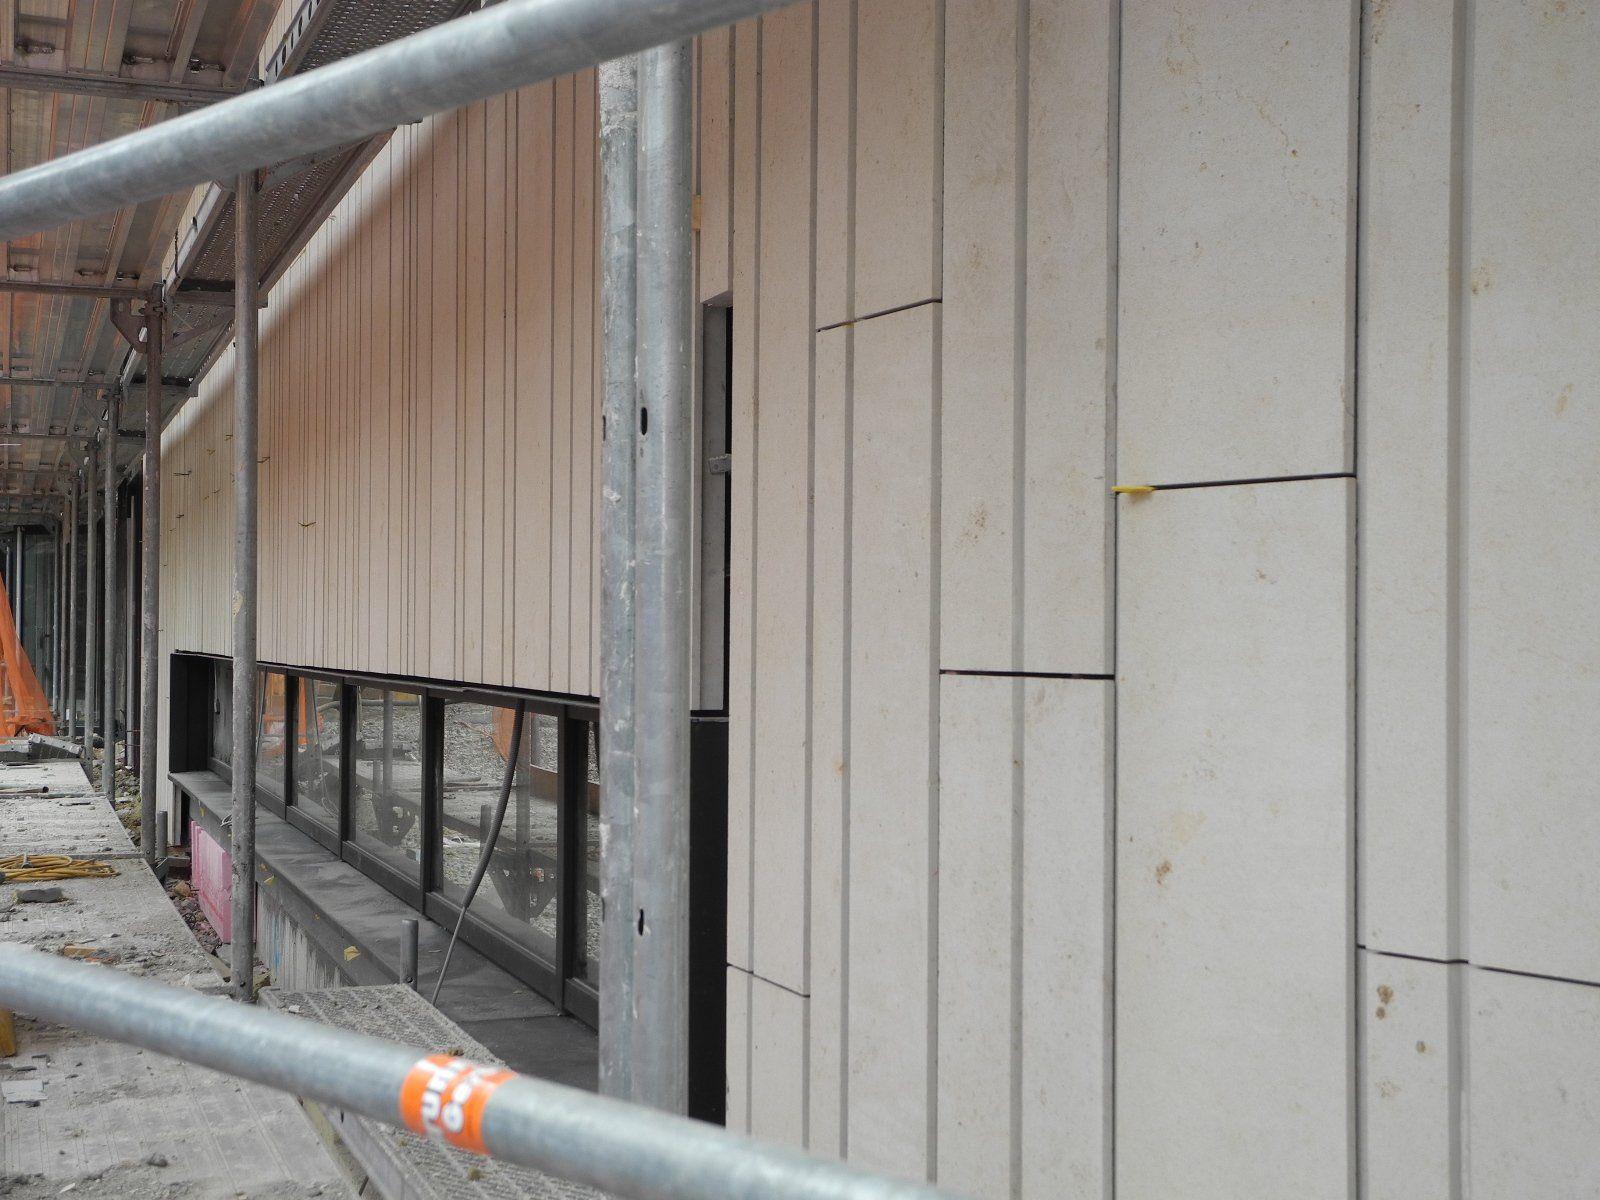 steinplatten aus stuttgart schmücken das montforthaus - feldkirch